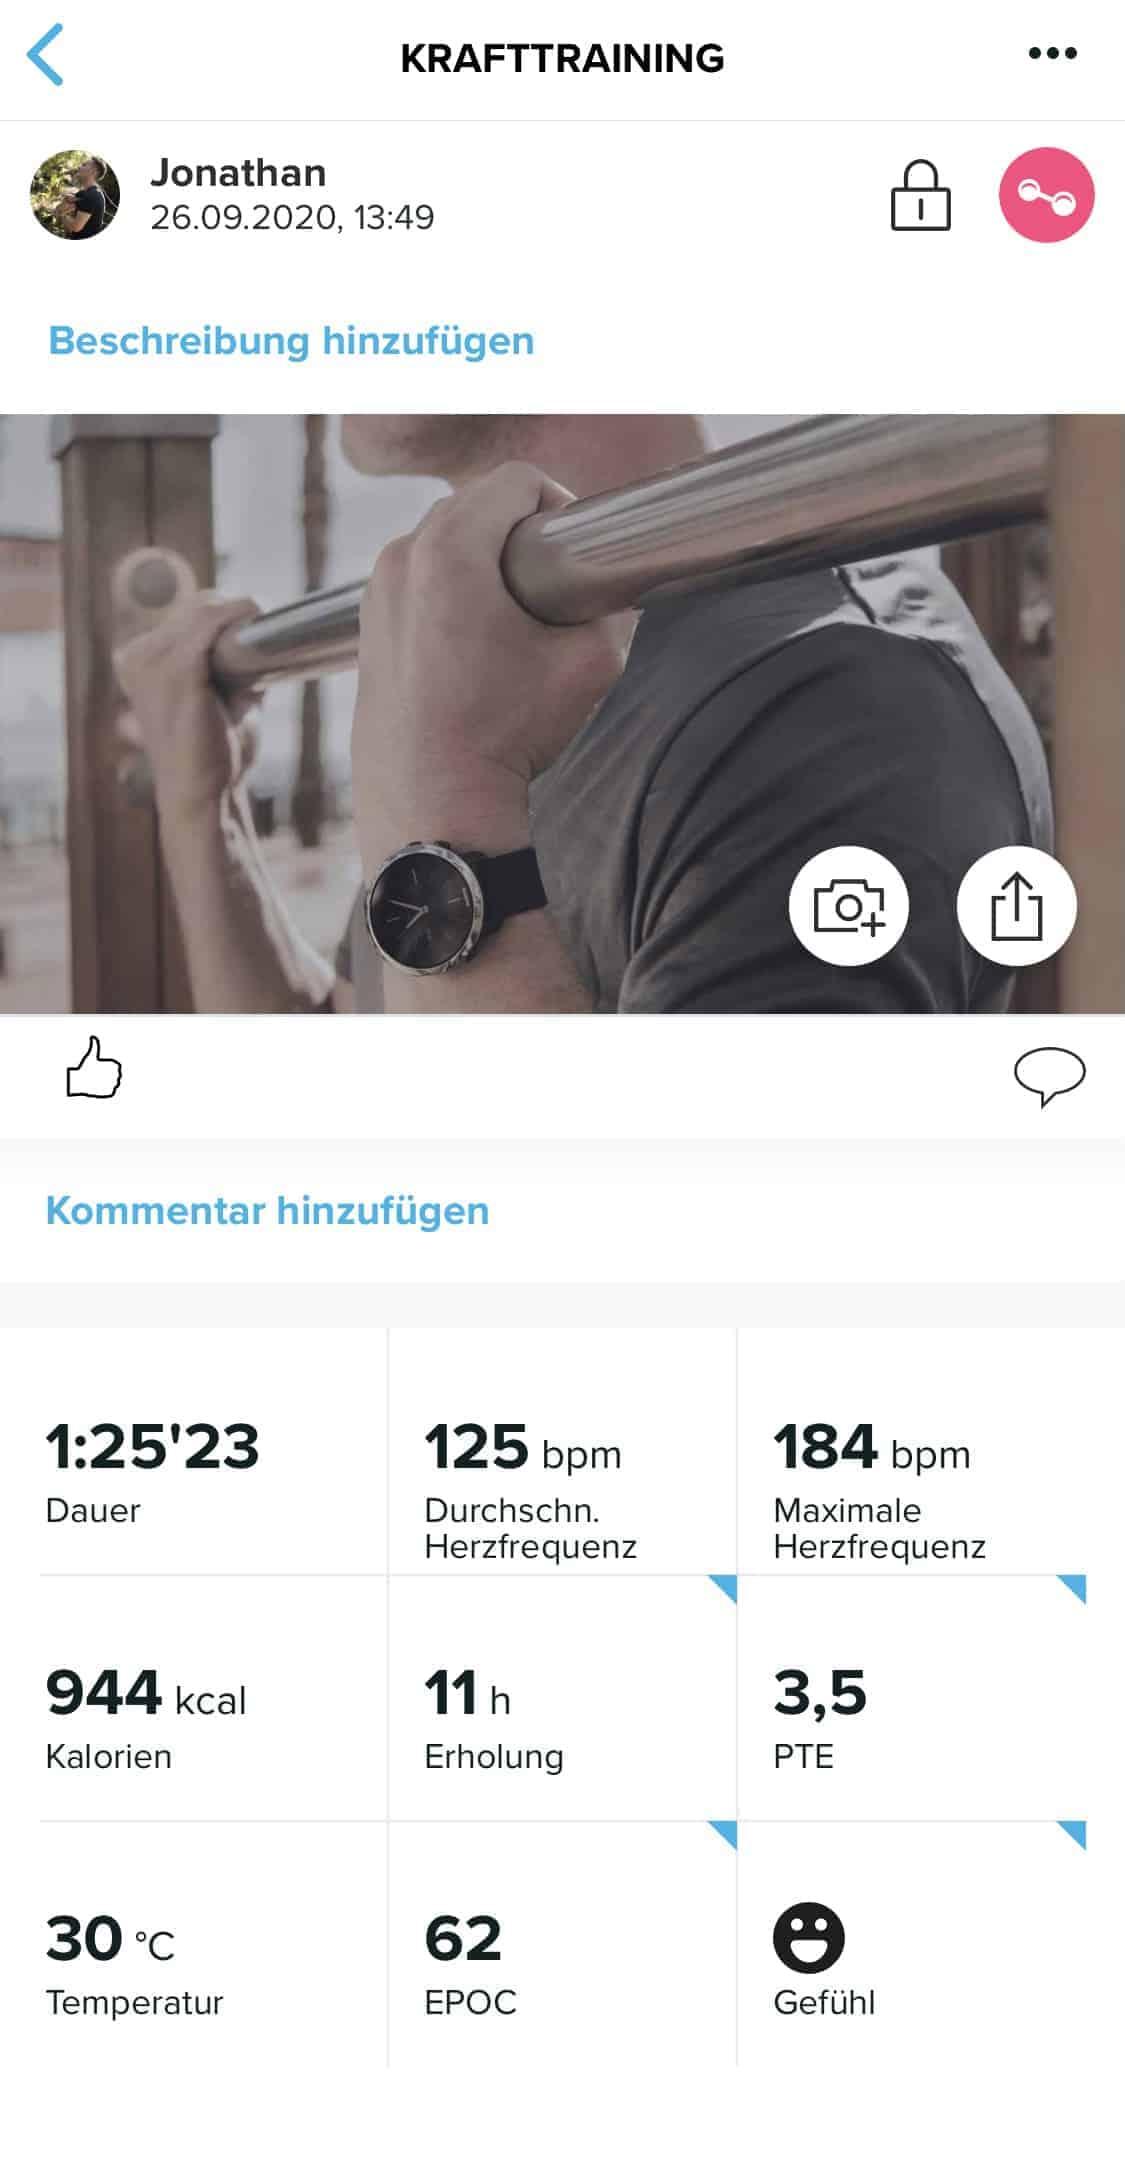 IMG 6513 - Suunto Baro 9 -die perfekte Uhr für Bergsteiger?